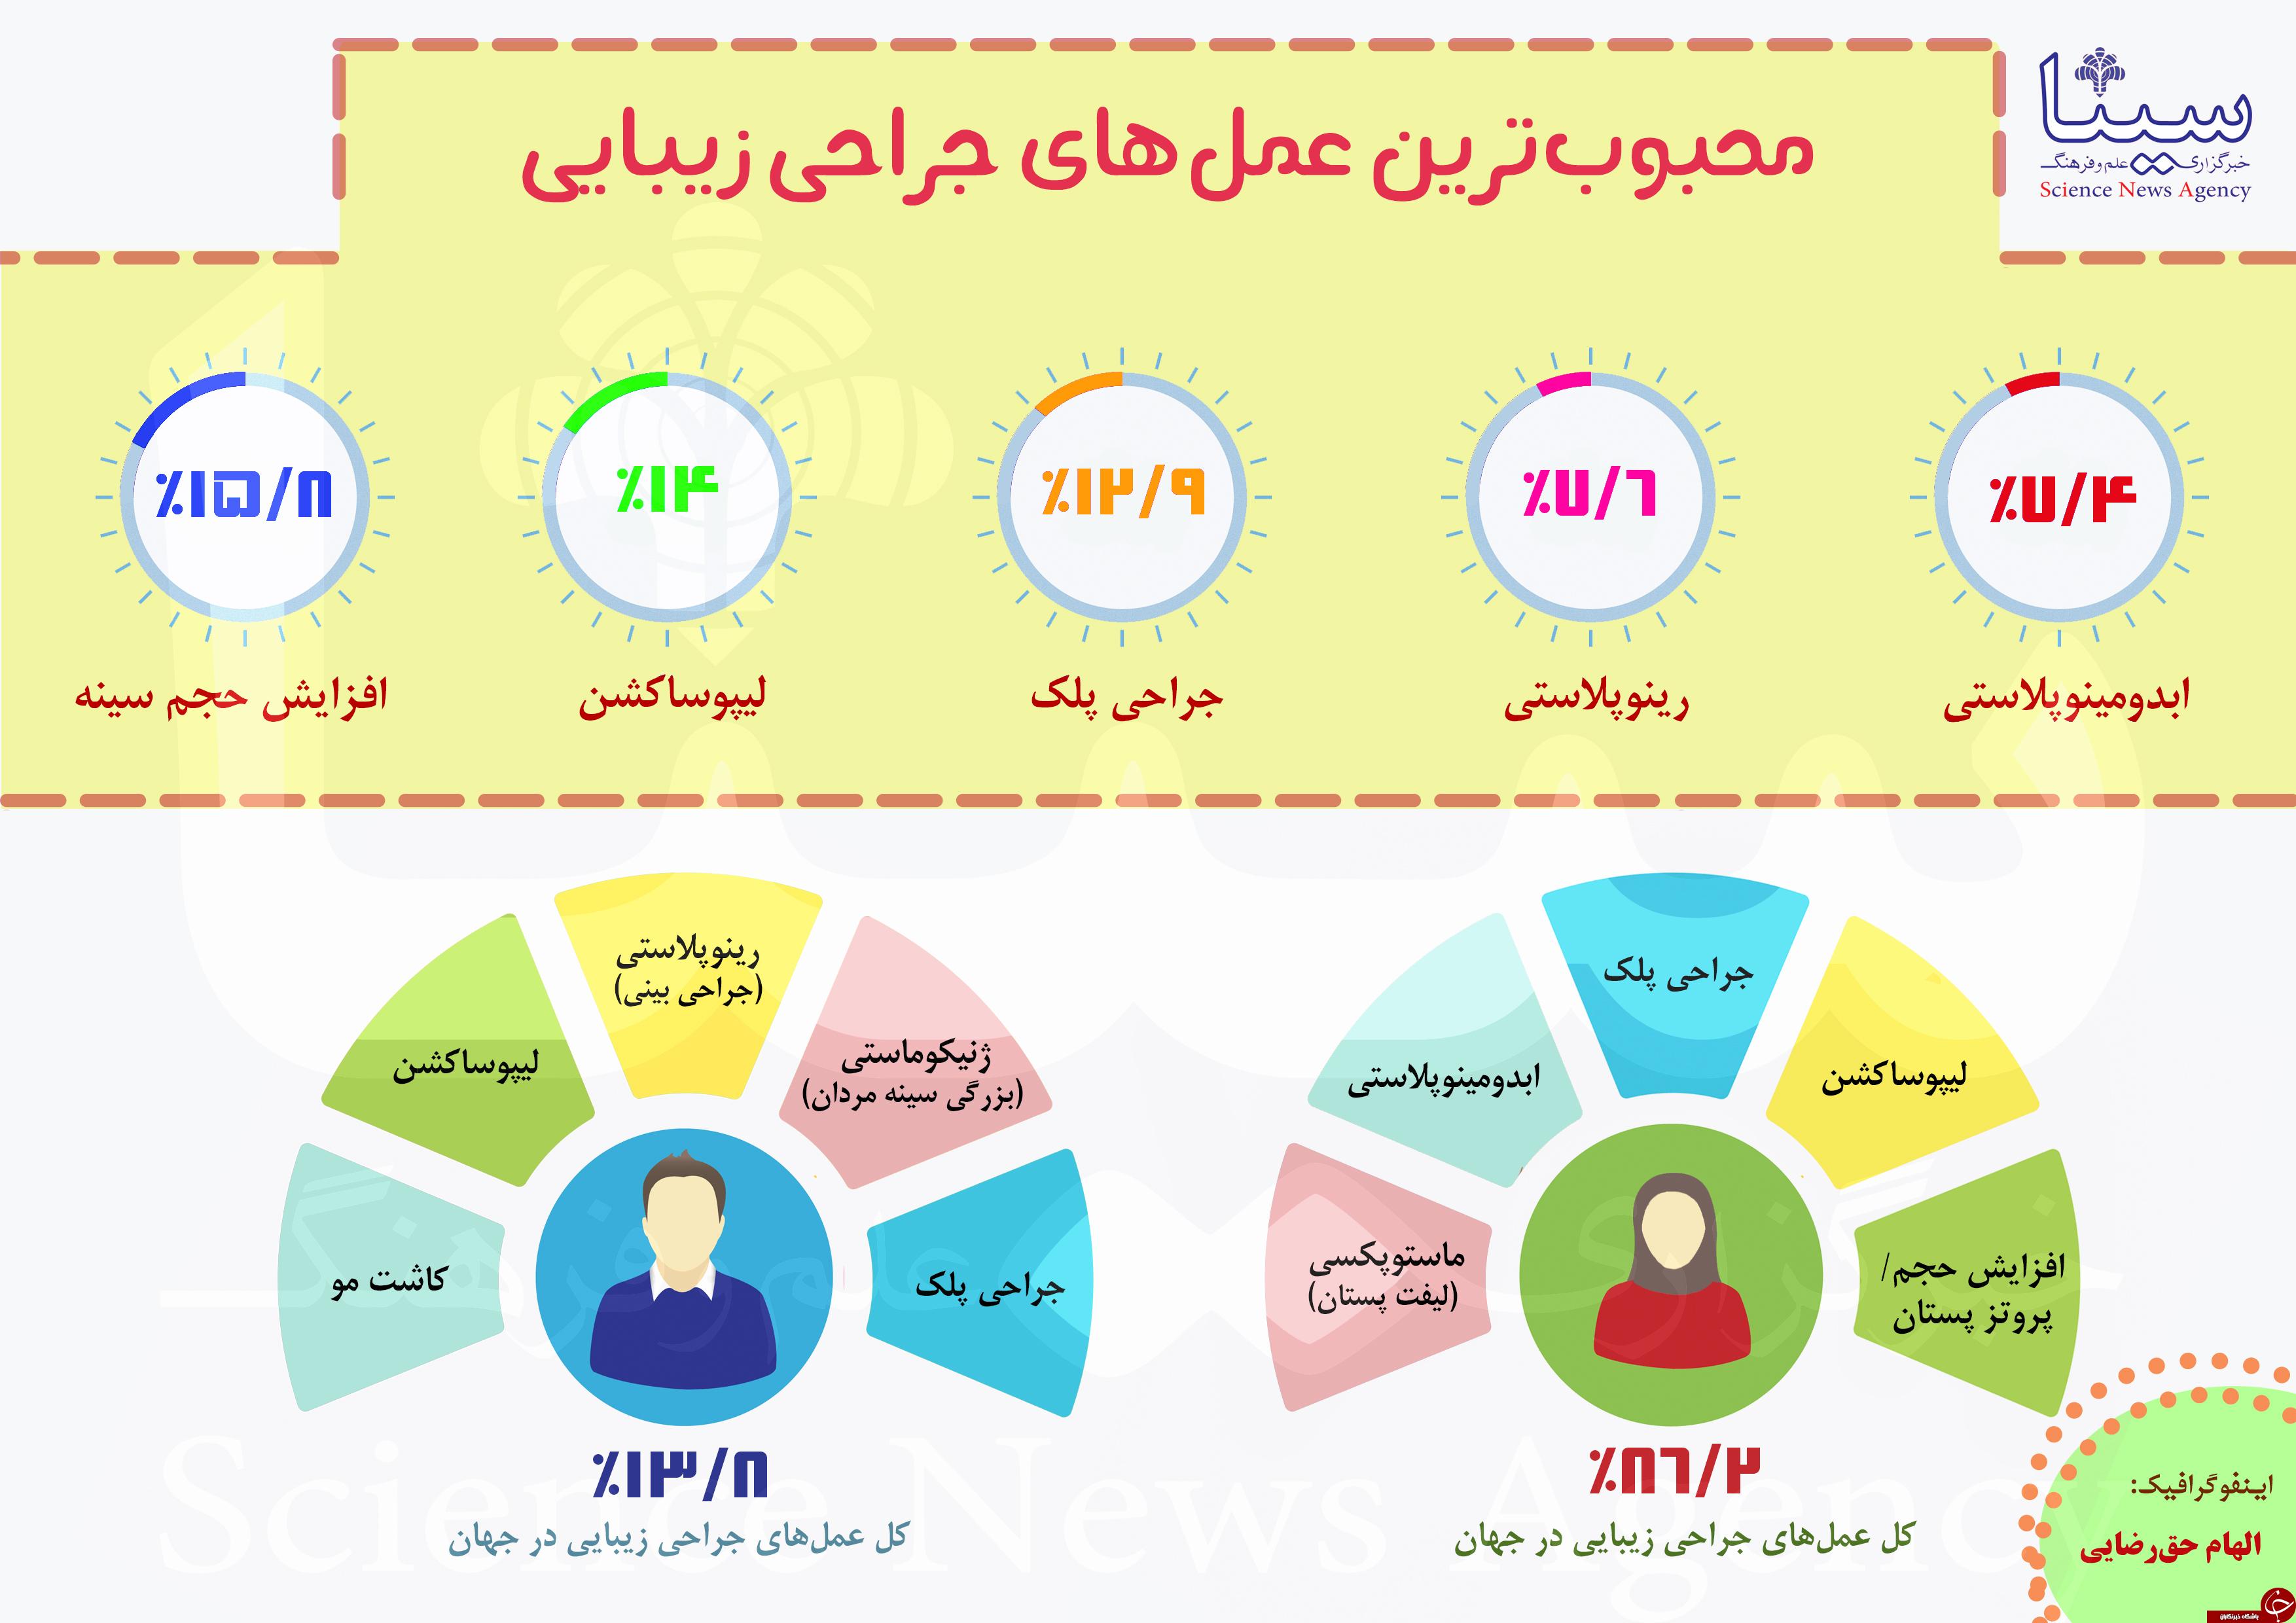 آیا وضعیت جراحی پلاستیک در ایران عادی است؟ محبوبترین عملهای جراحی زیبایی در جهان کدامند؟